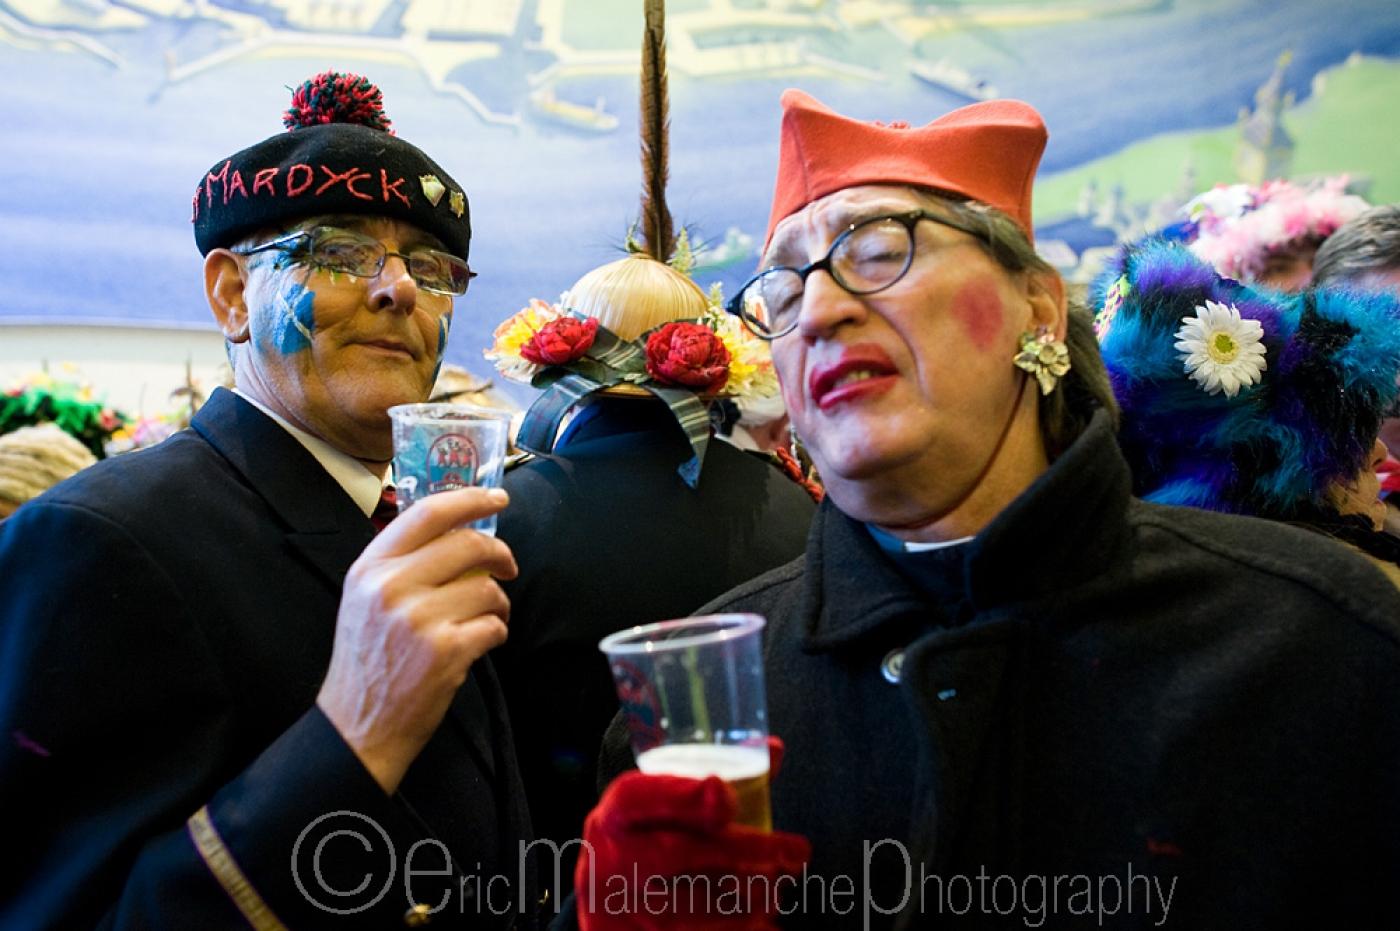 http://www.ericmalemanche.com/imagess/topics/carnaval-de-dunkerque/liste/Carnaval-Dunkerque-1578.jpg